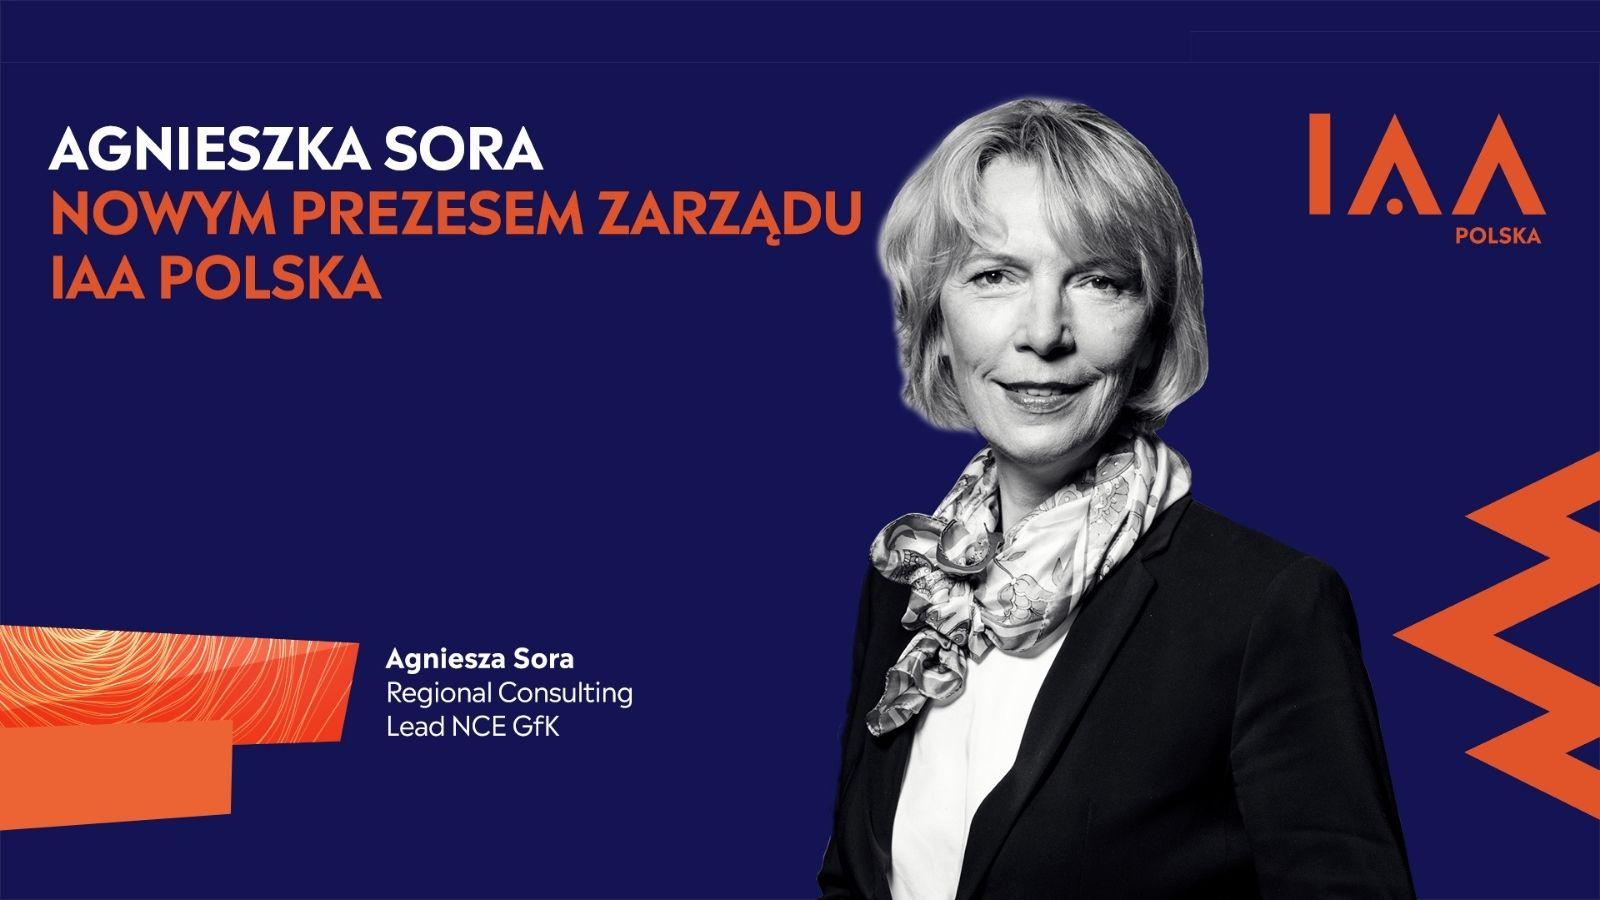 Nowa Prezes Zarządu w IAA Polska Ludzie mediarun agnieszka sora